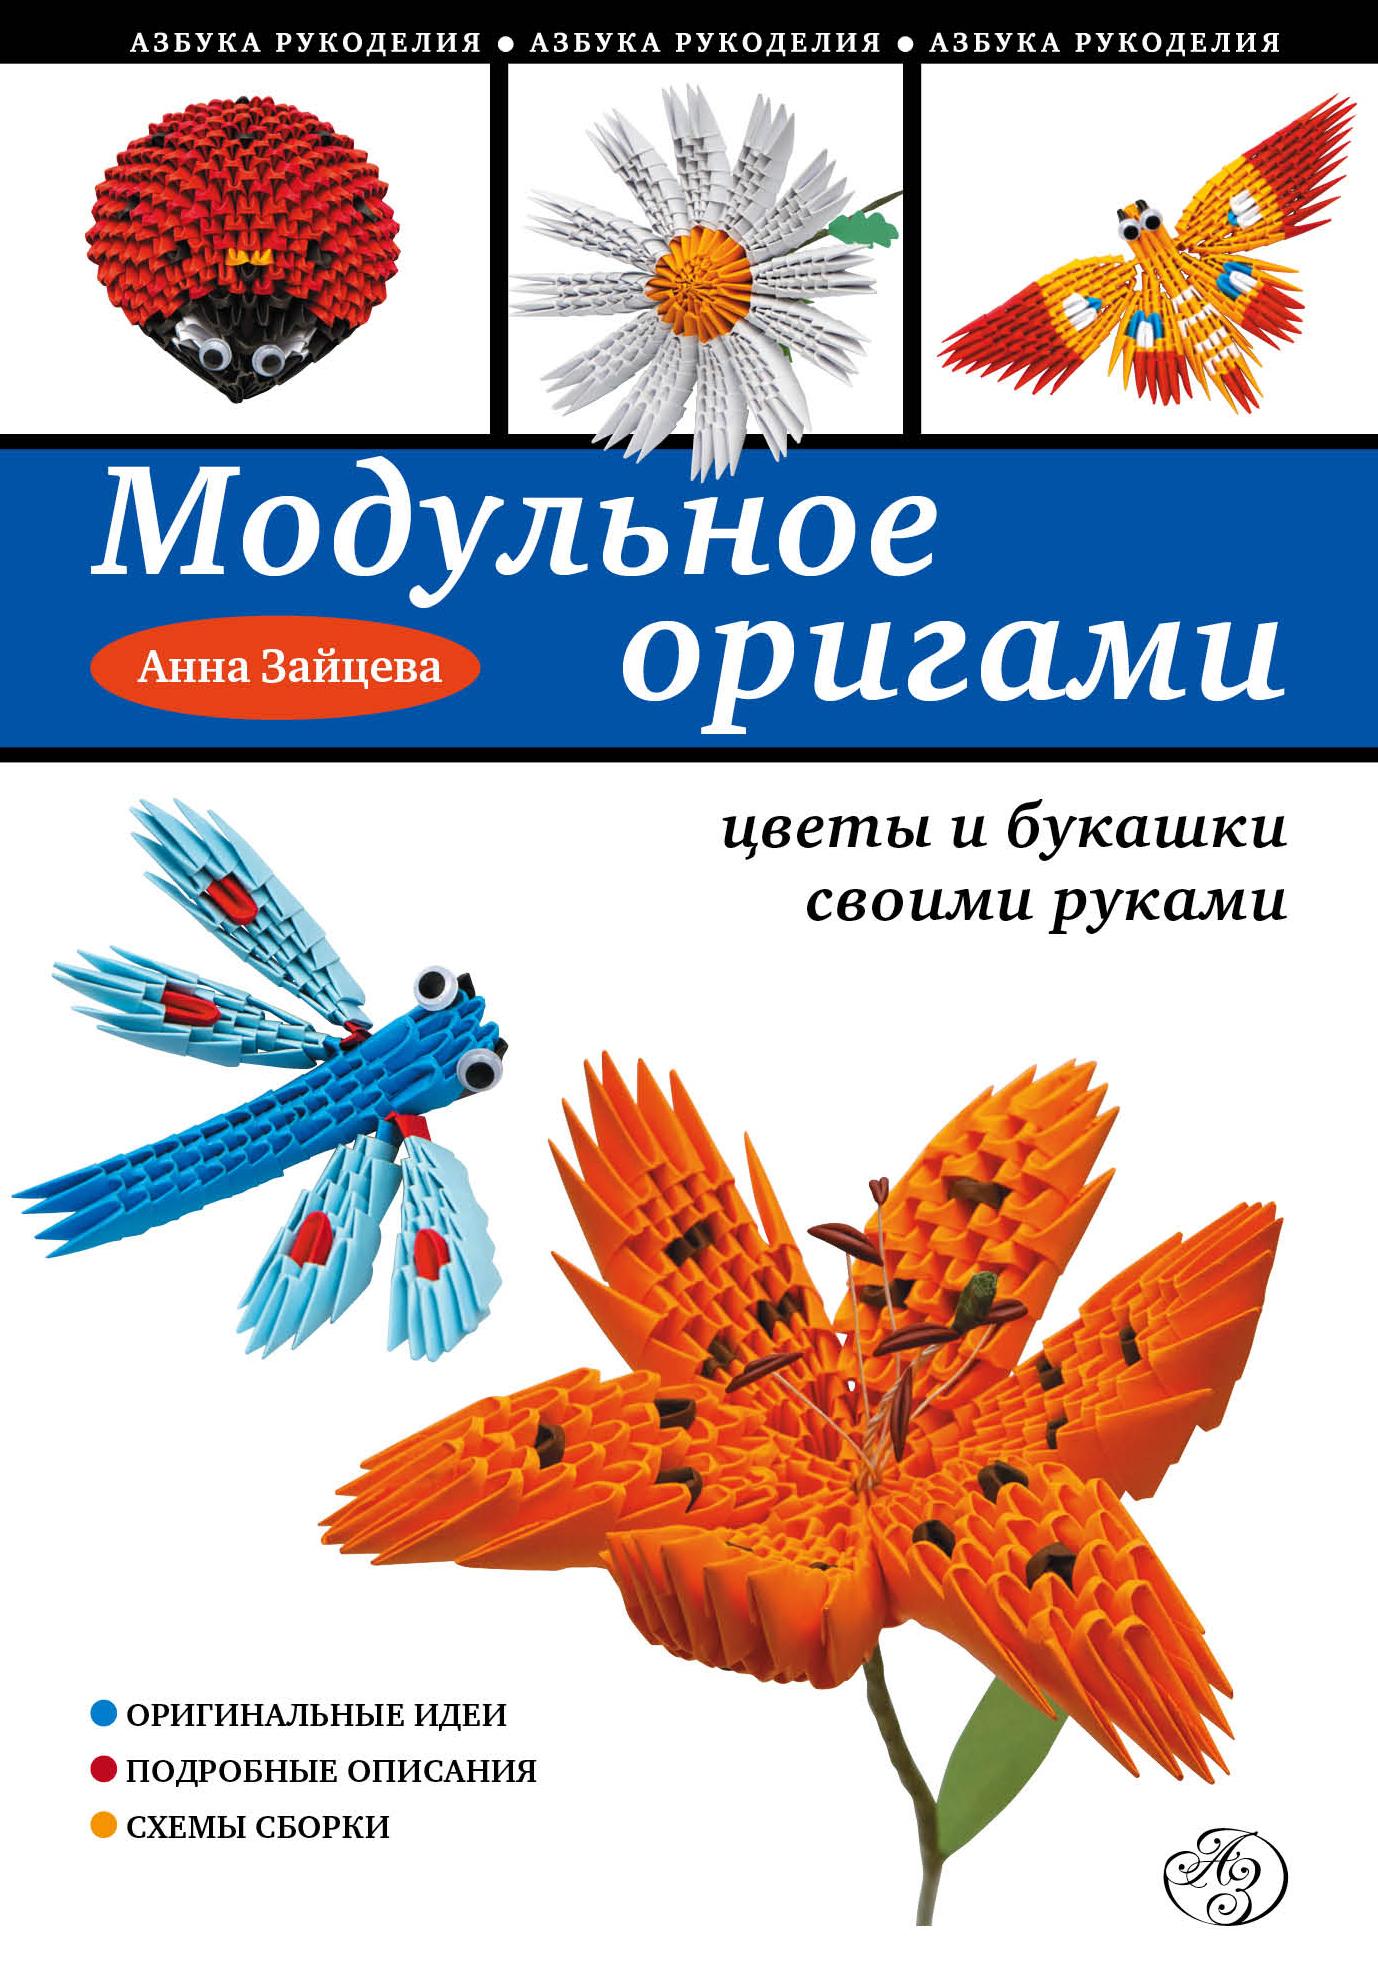 Модульное оригами анны зайцевой